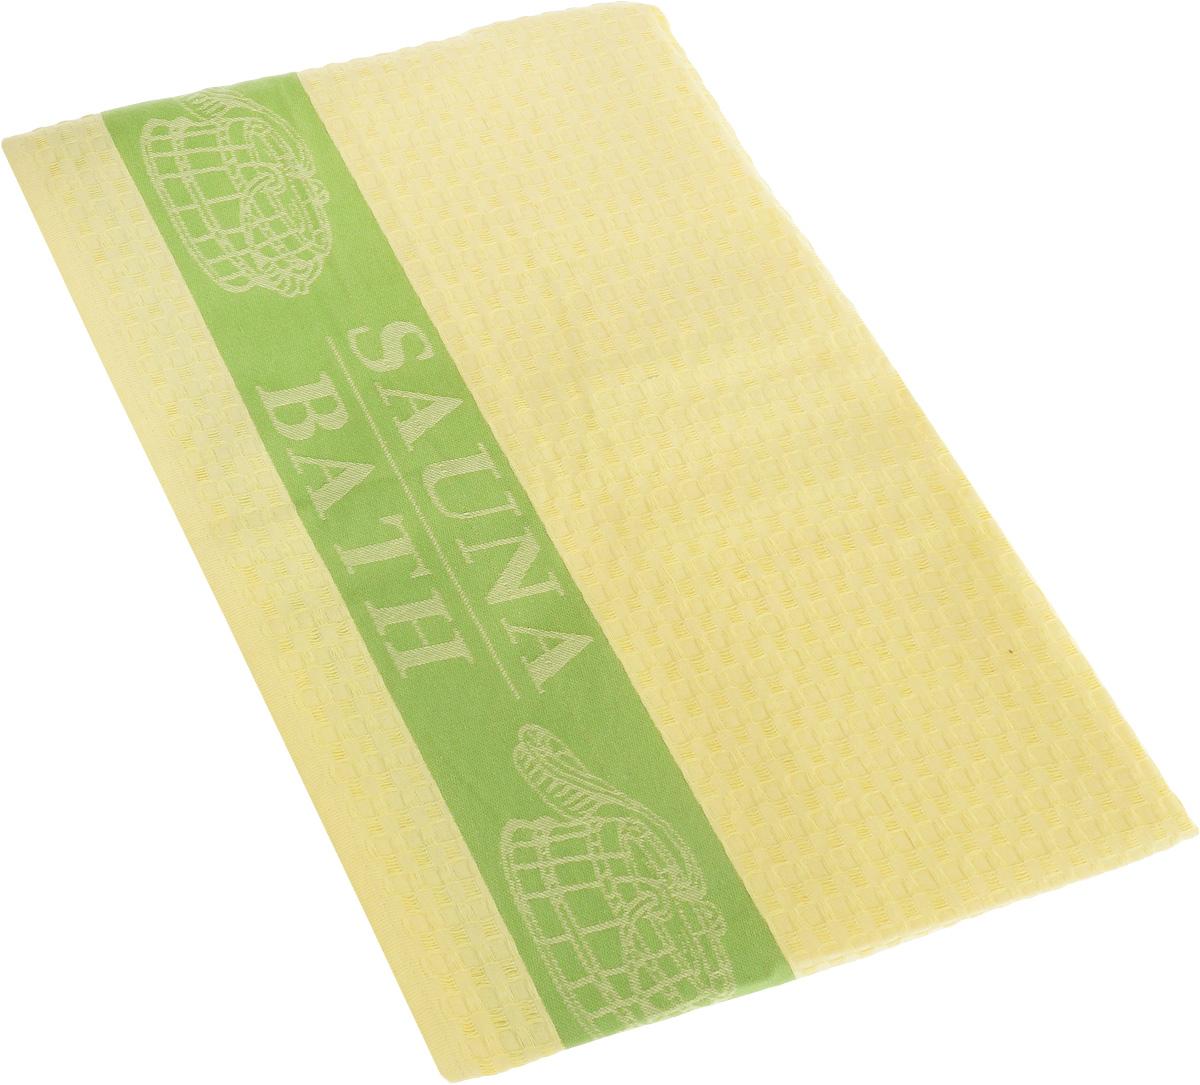 Полотенце Soavita Сауна, цвет: желтый, зеленый, 100 х 160 см391602Полотенце Soavita Сауна выполнено из 100% хлопка. Изделие отлично впитывает влагу, быстро сохнет, сохраняет яркость цвета и не теряет форму даже после многократных стирок. Полотенце очень практично и неприхотливо в уходе. Оно создаст прекрасное настроение и украсит интерьер в ванной комнате.